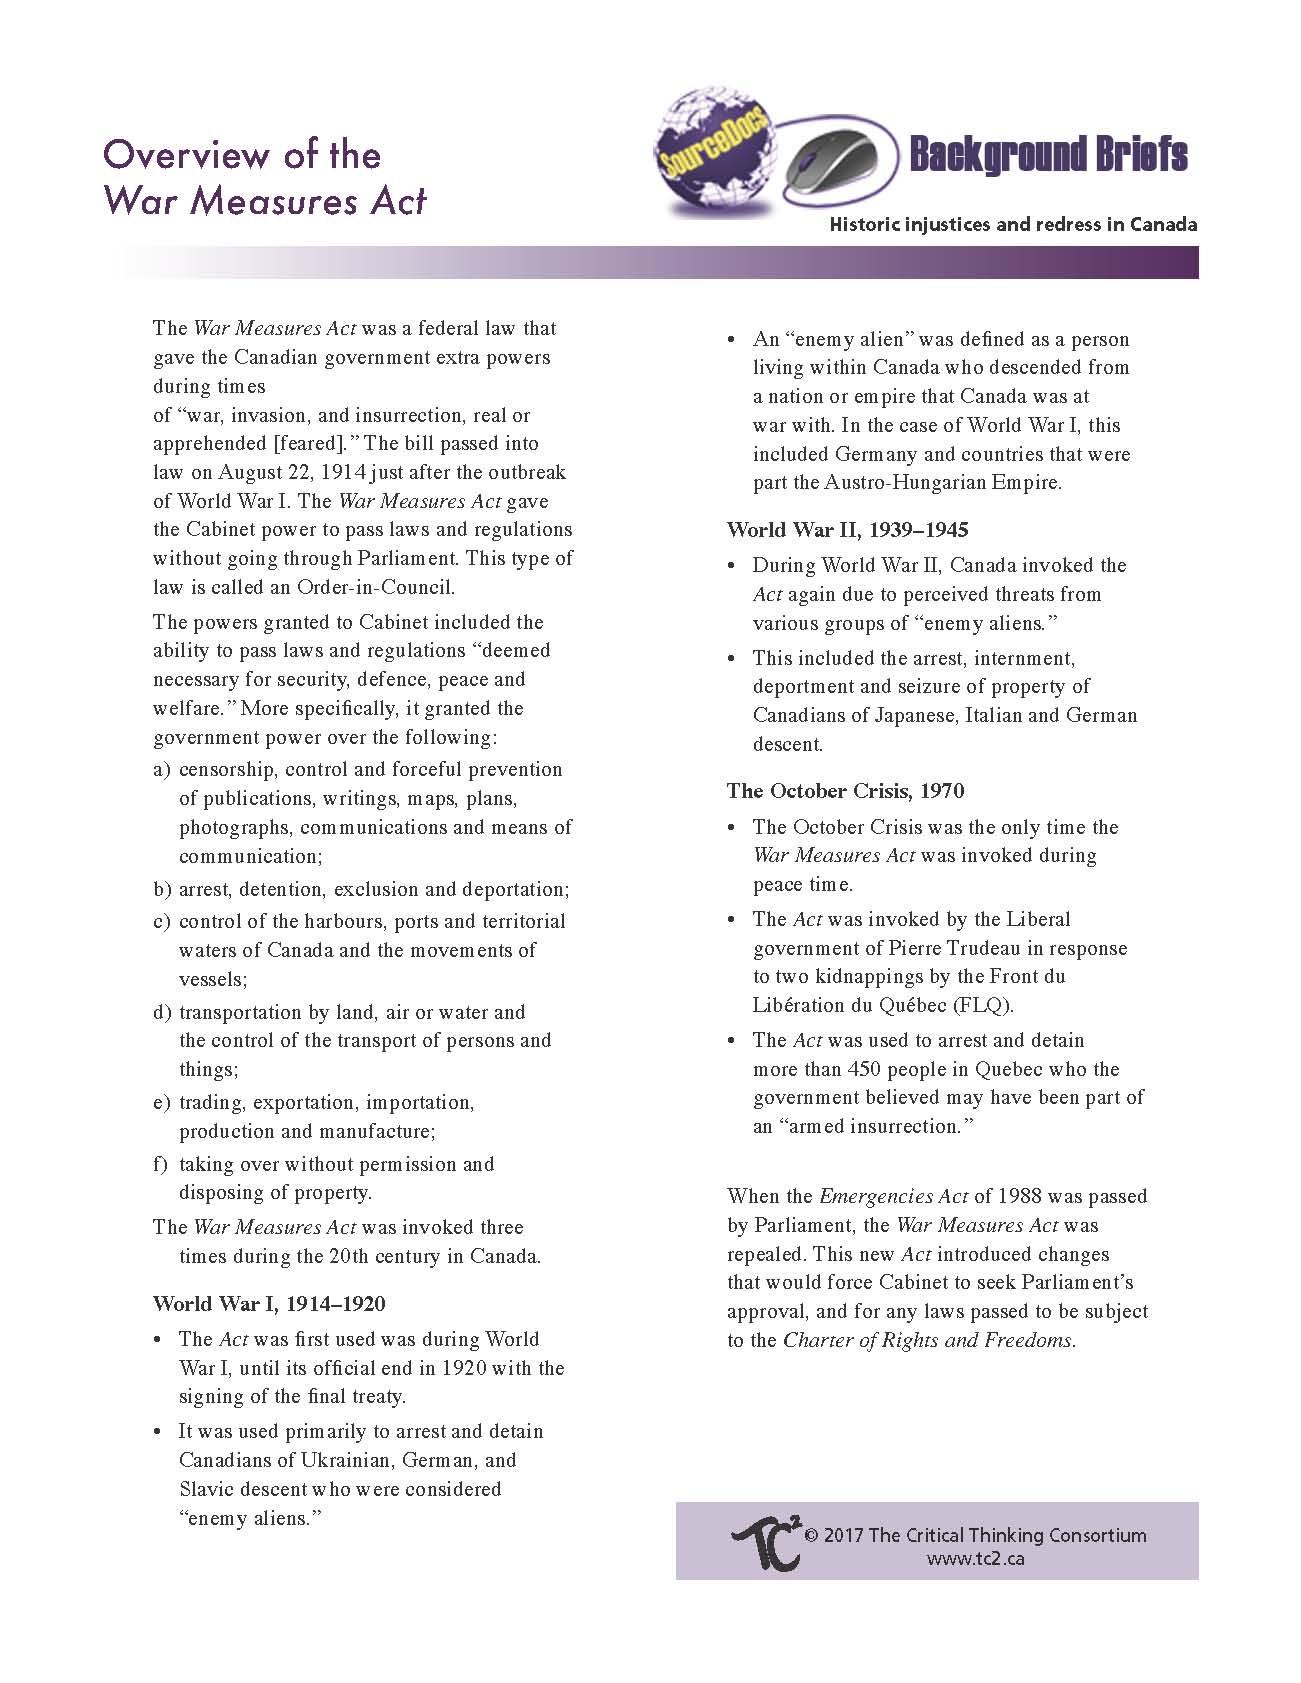 define war measures act